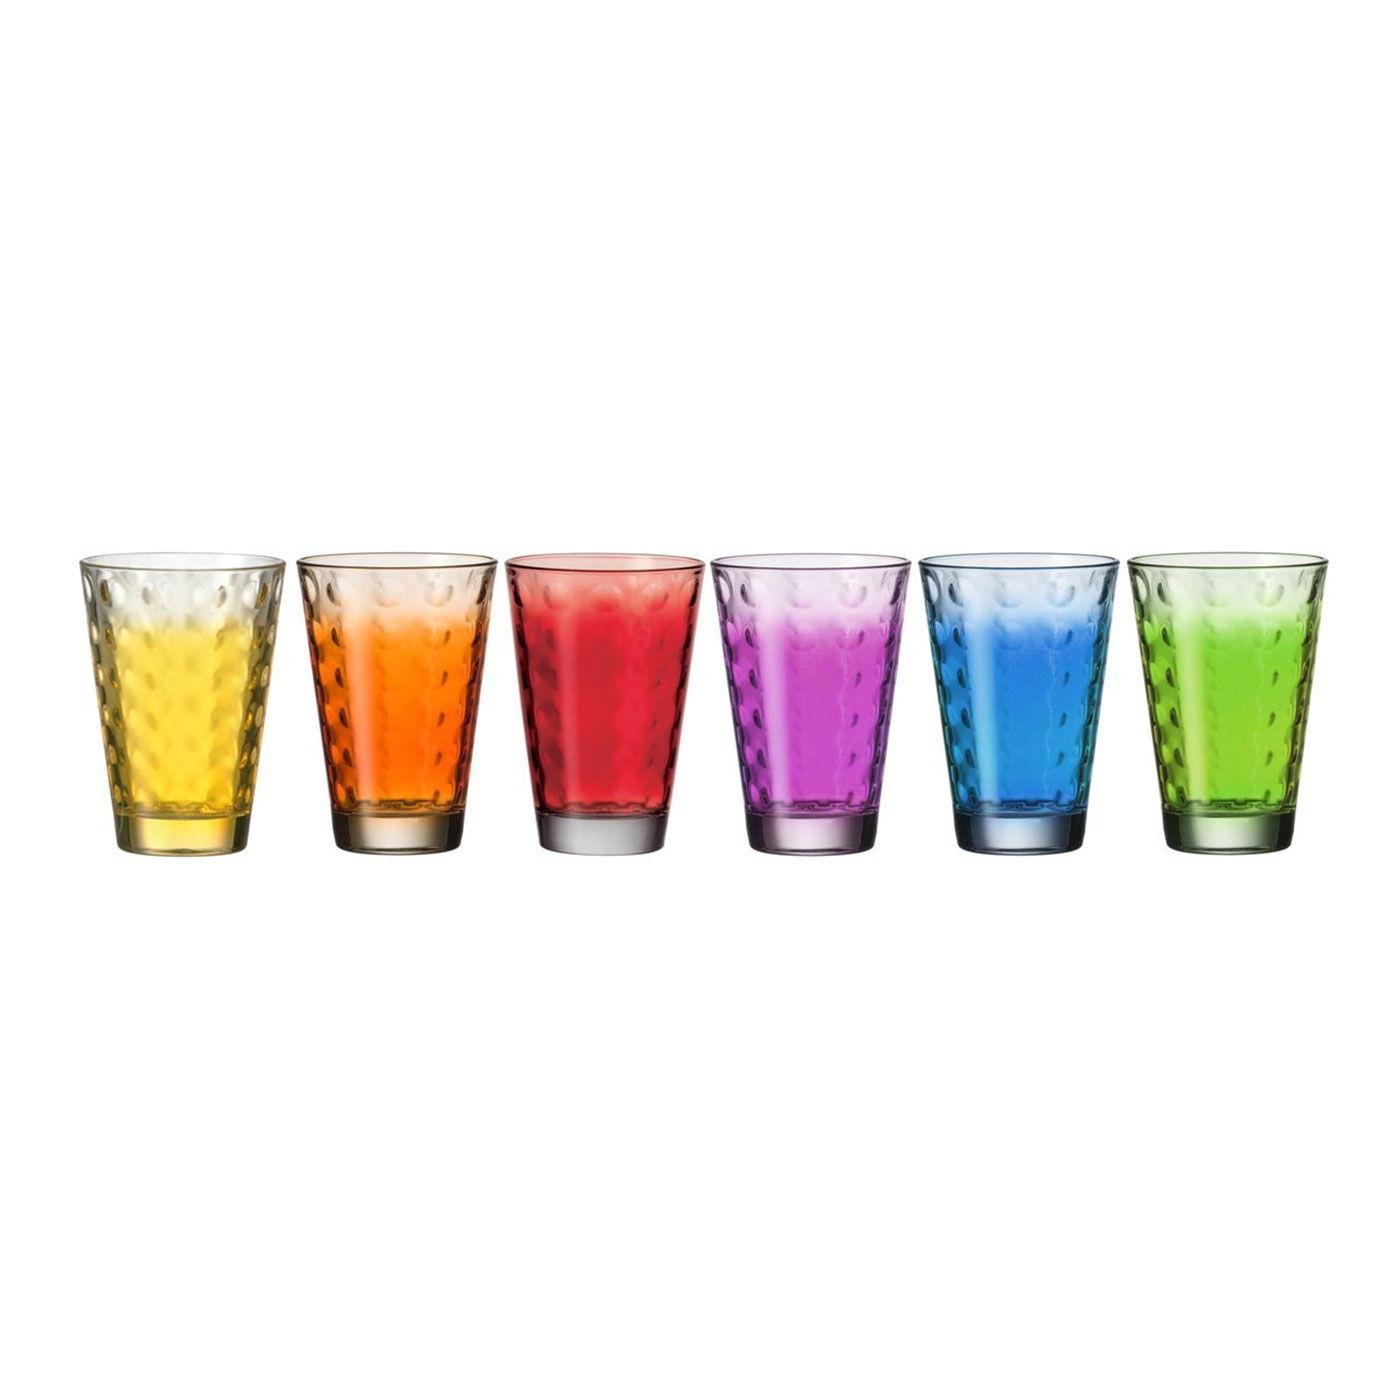 Bevorzugt Cocktail-Gläser Exklusive Designergläser vieler bekannter PV74